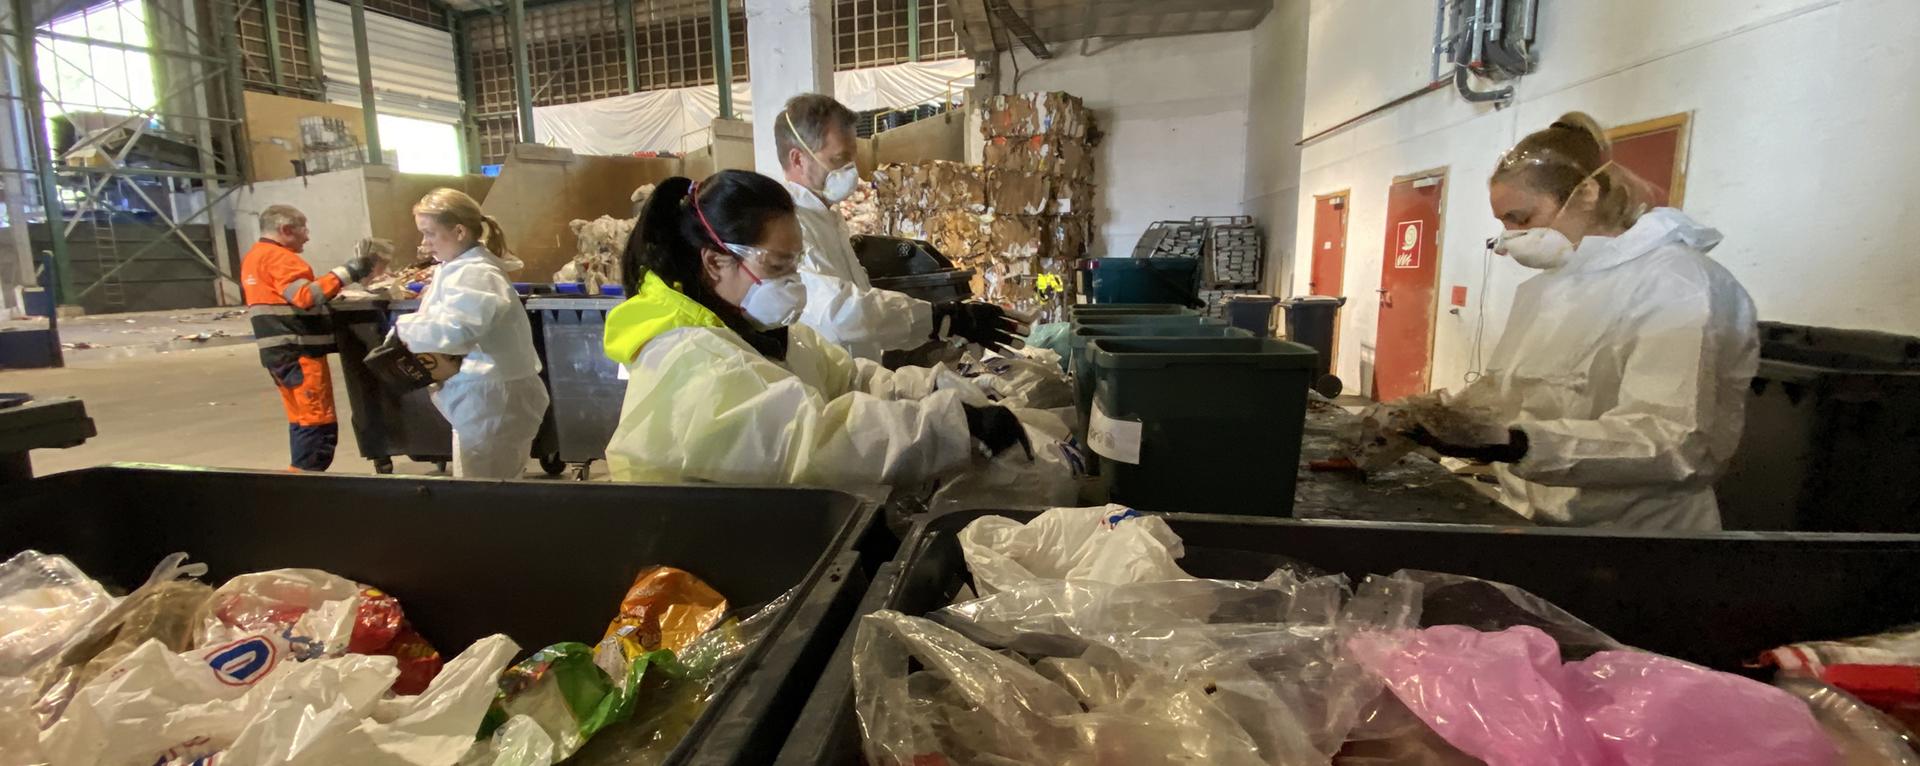 Personer som analyserer avfall